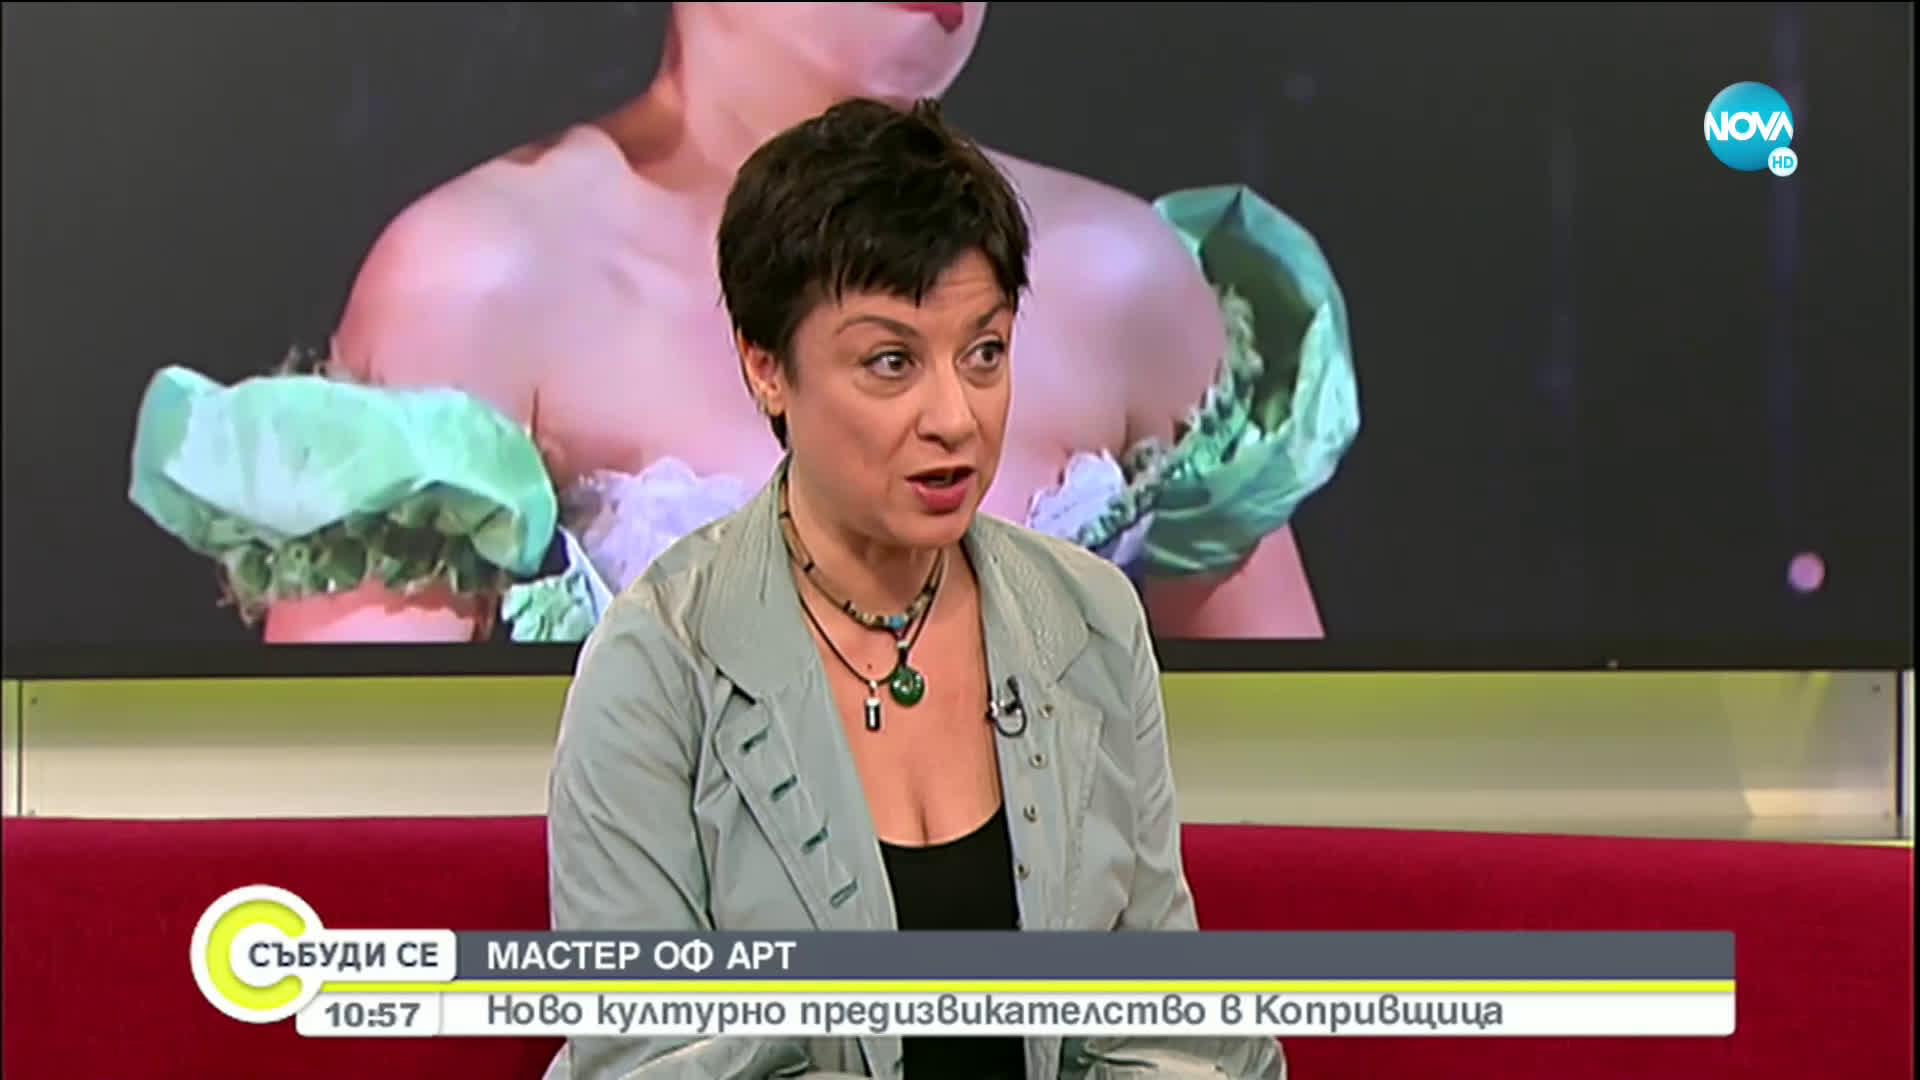 """""""Master of Art"""" – новото културно предизвикателство в Копривщица"""